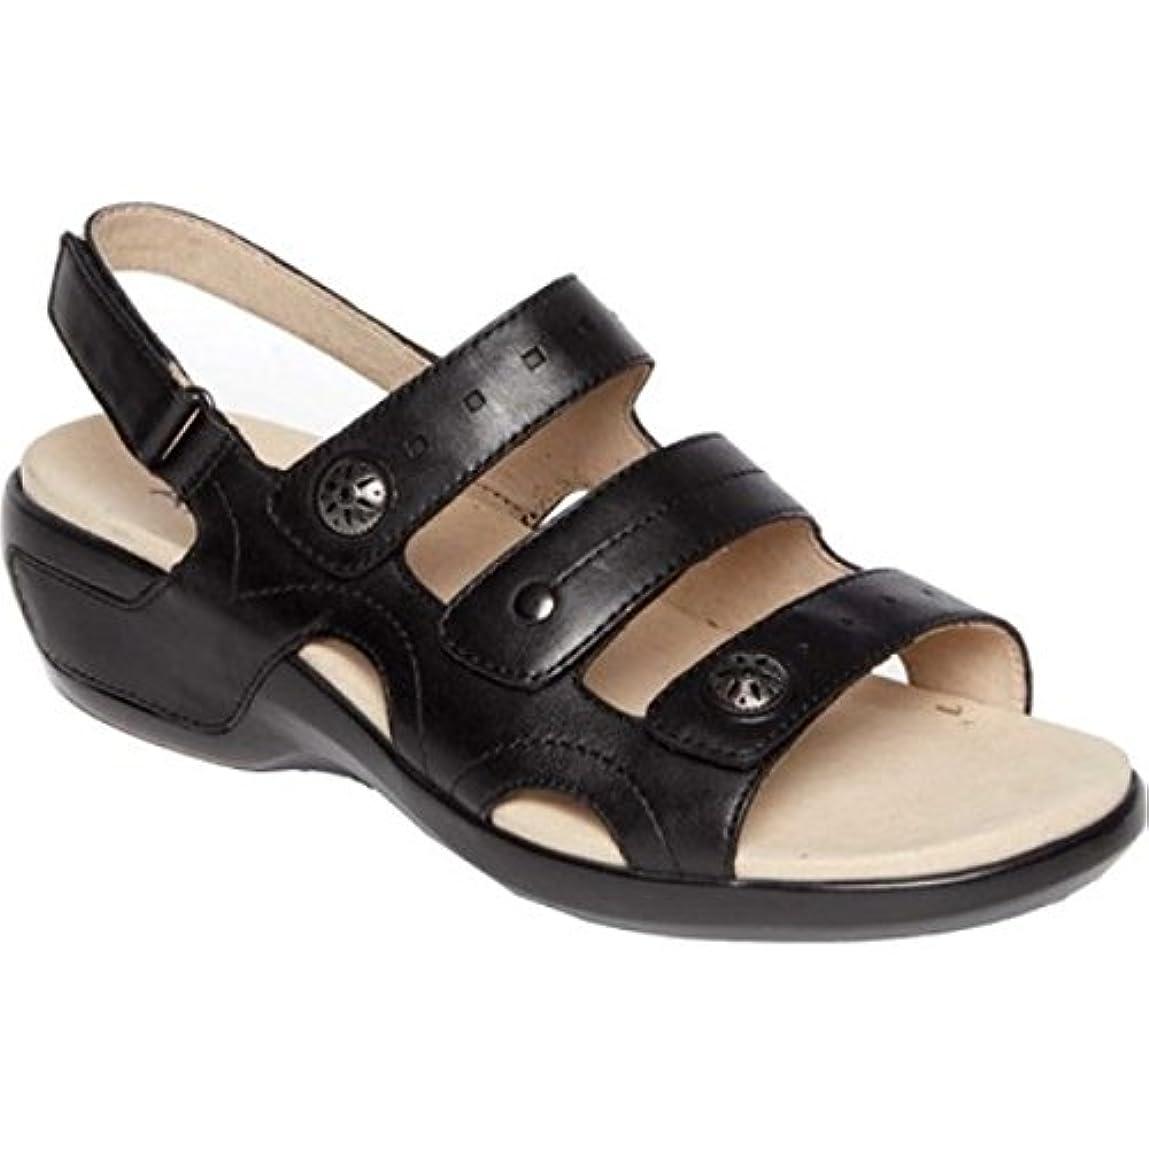 受け取る許されるグループ(アラヴォン) Aravon レディース シューズ?靴 サンダル?ミュール PC Three Strap Slingback Sandal [並行輸入品]